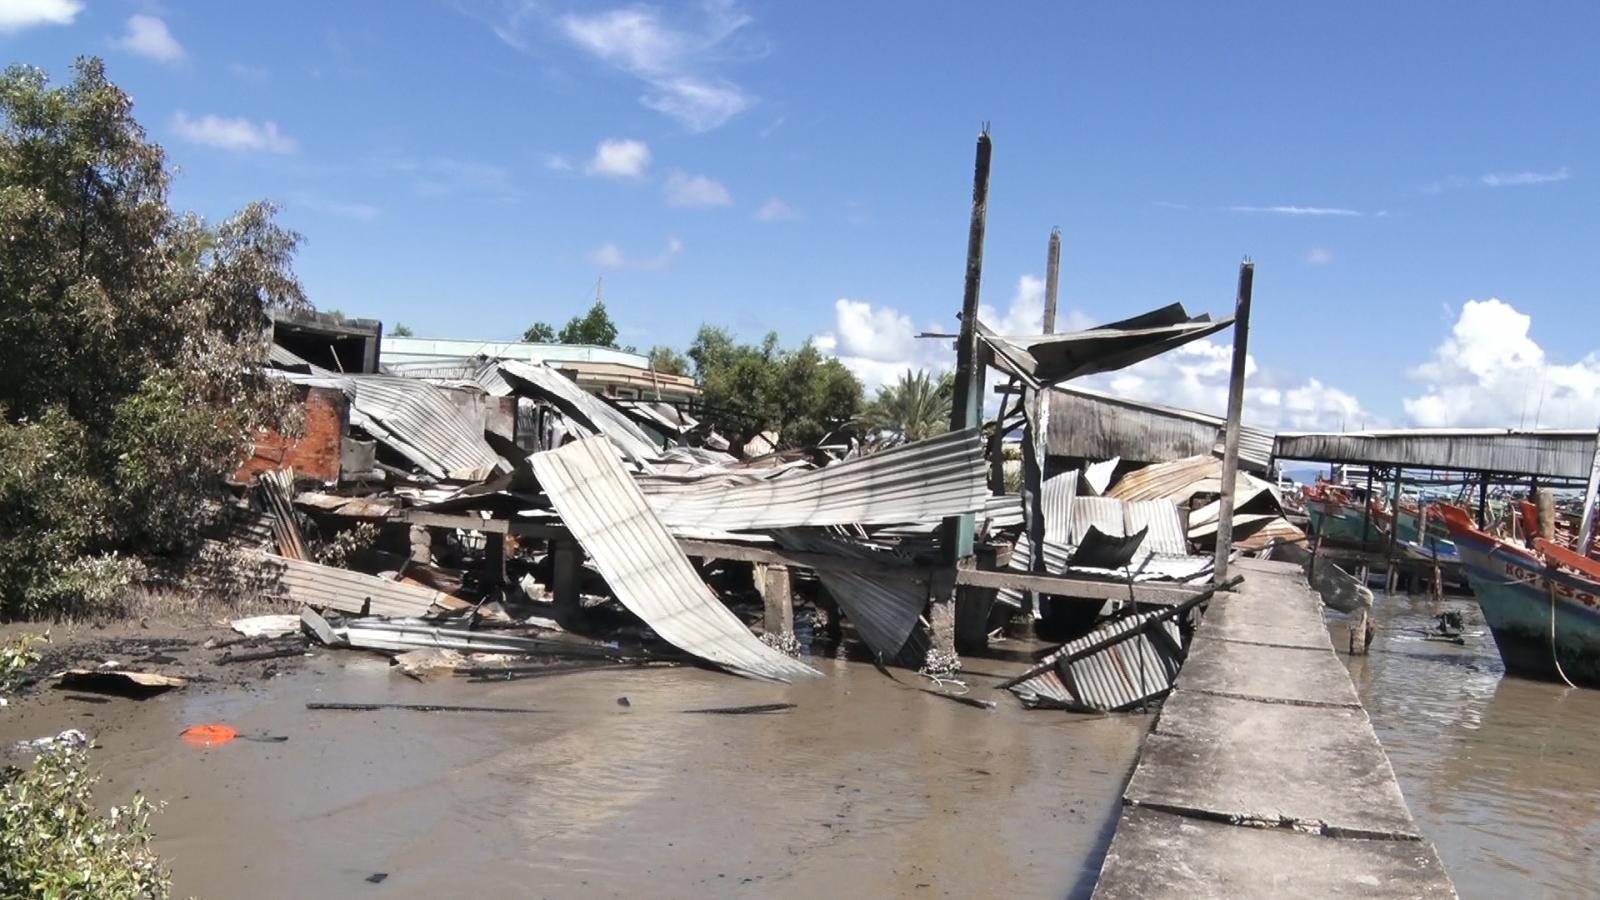 Buồn chuyện gia đình tự đốt nhà mình,4 nhà hàng xóm bị thiêu rụi